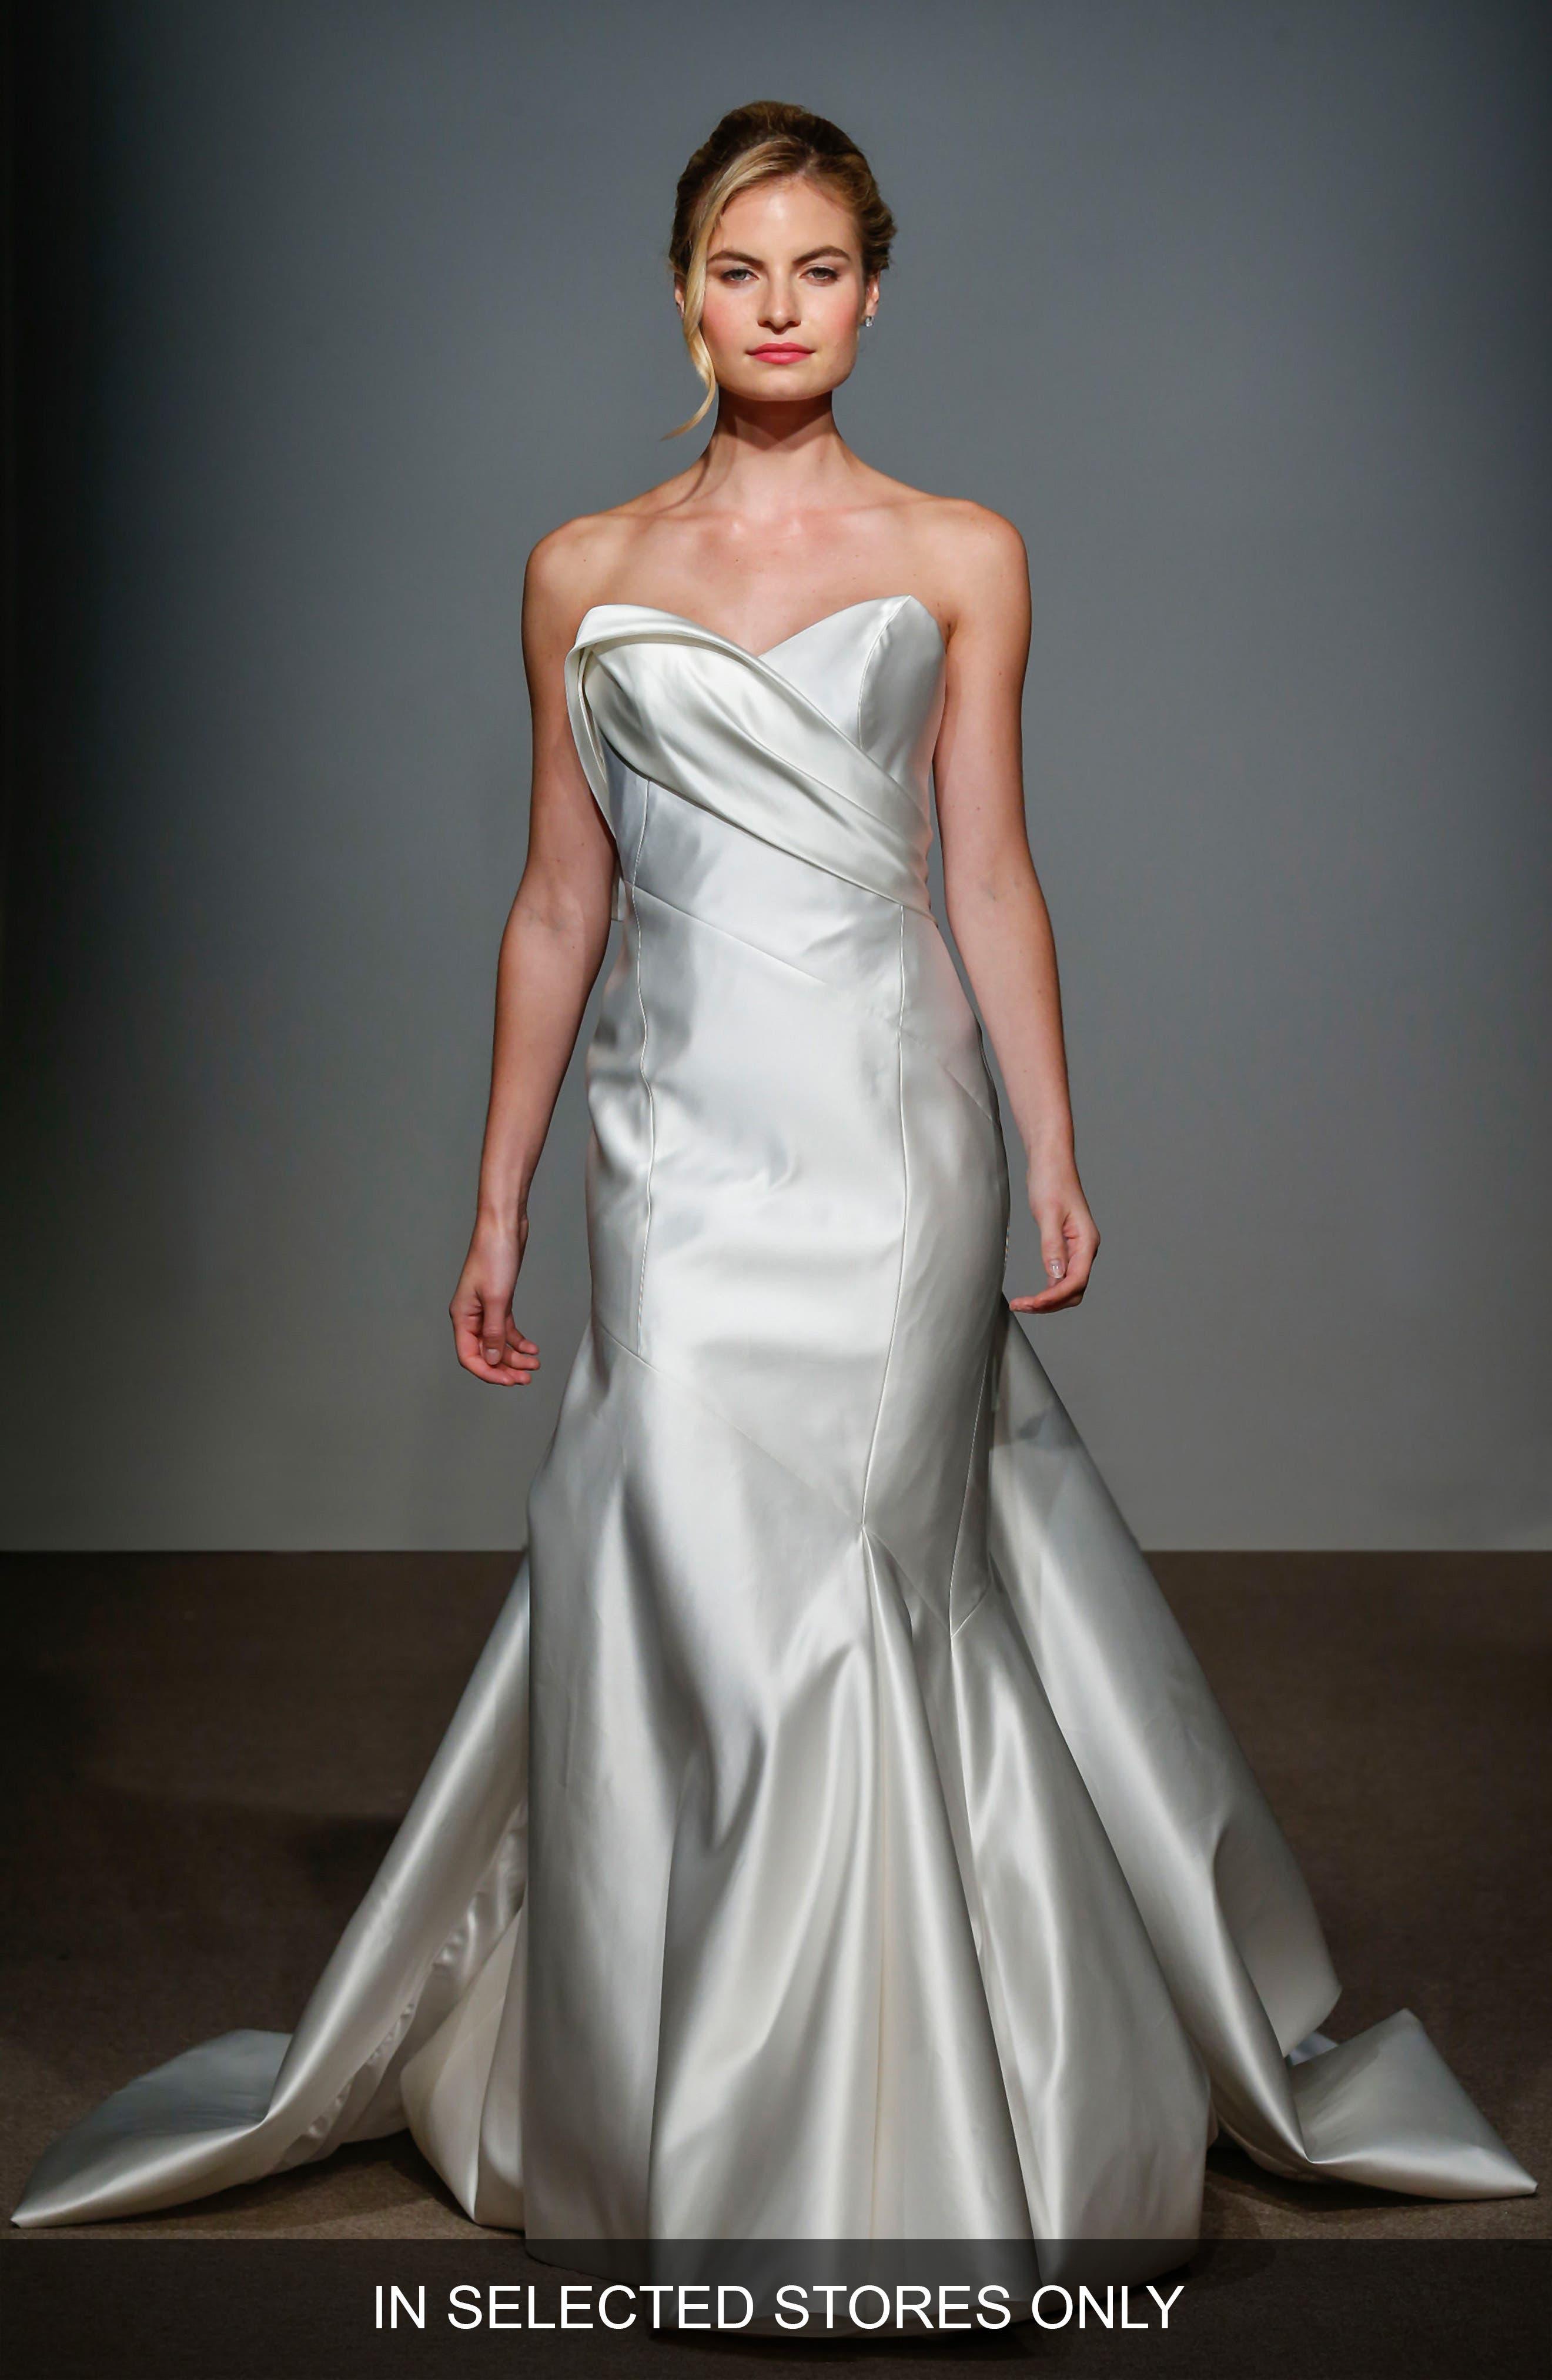 Daryl Asymmetrical Seam Satin Mermaid Gown,                             Main thumbnail 1, color,                             115